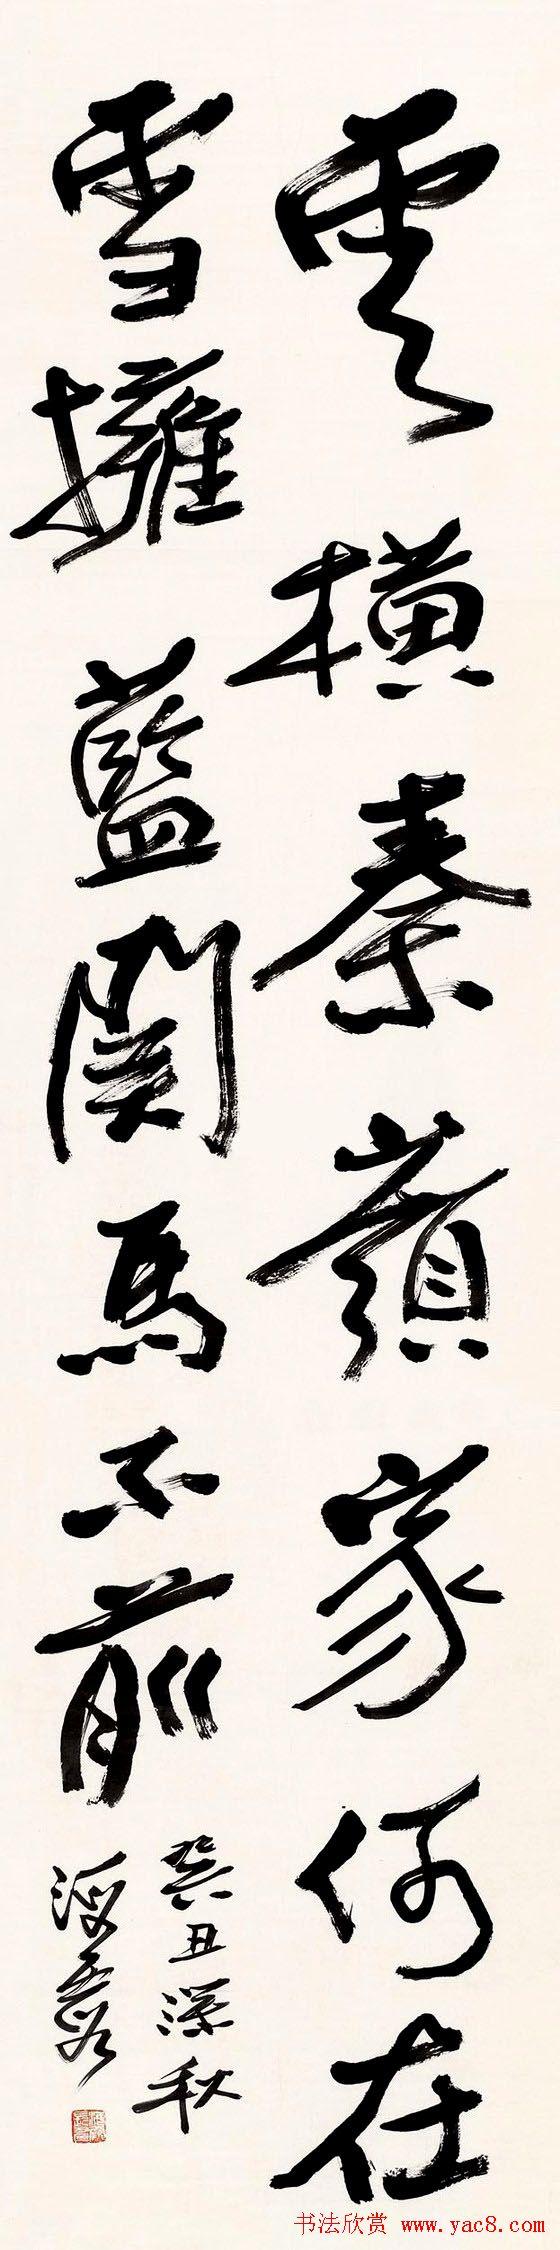 何海霞书法作品欣赏